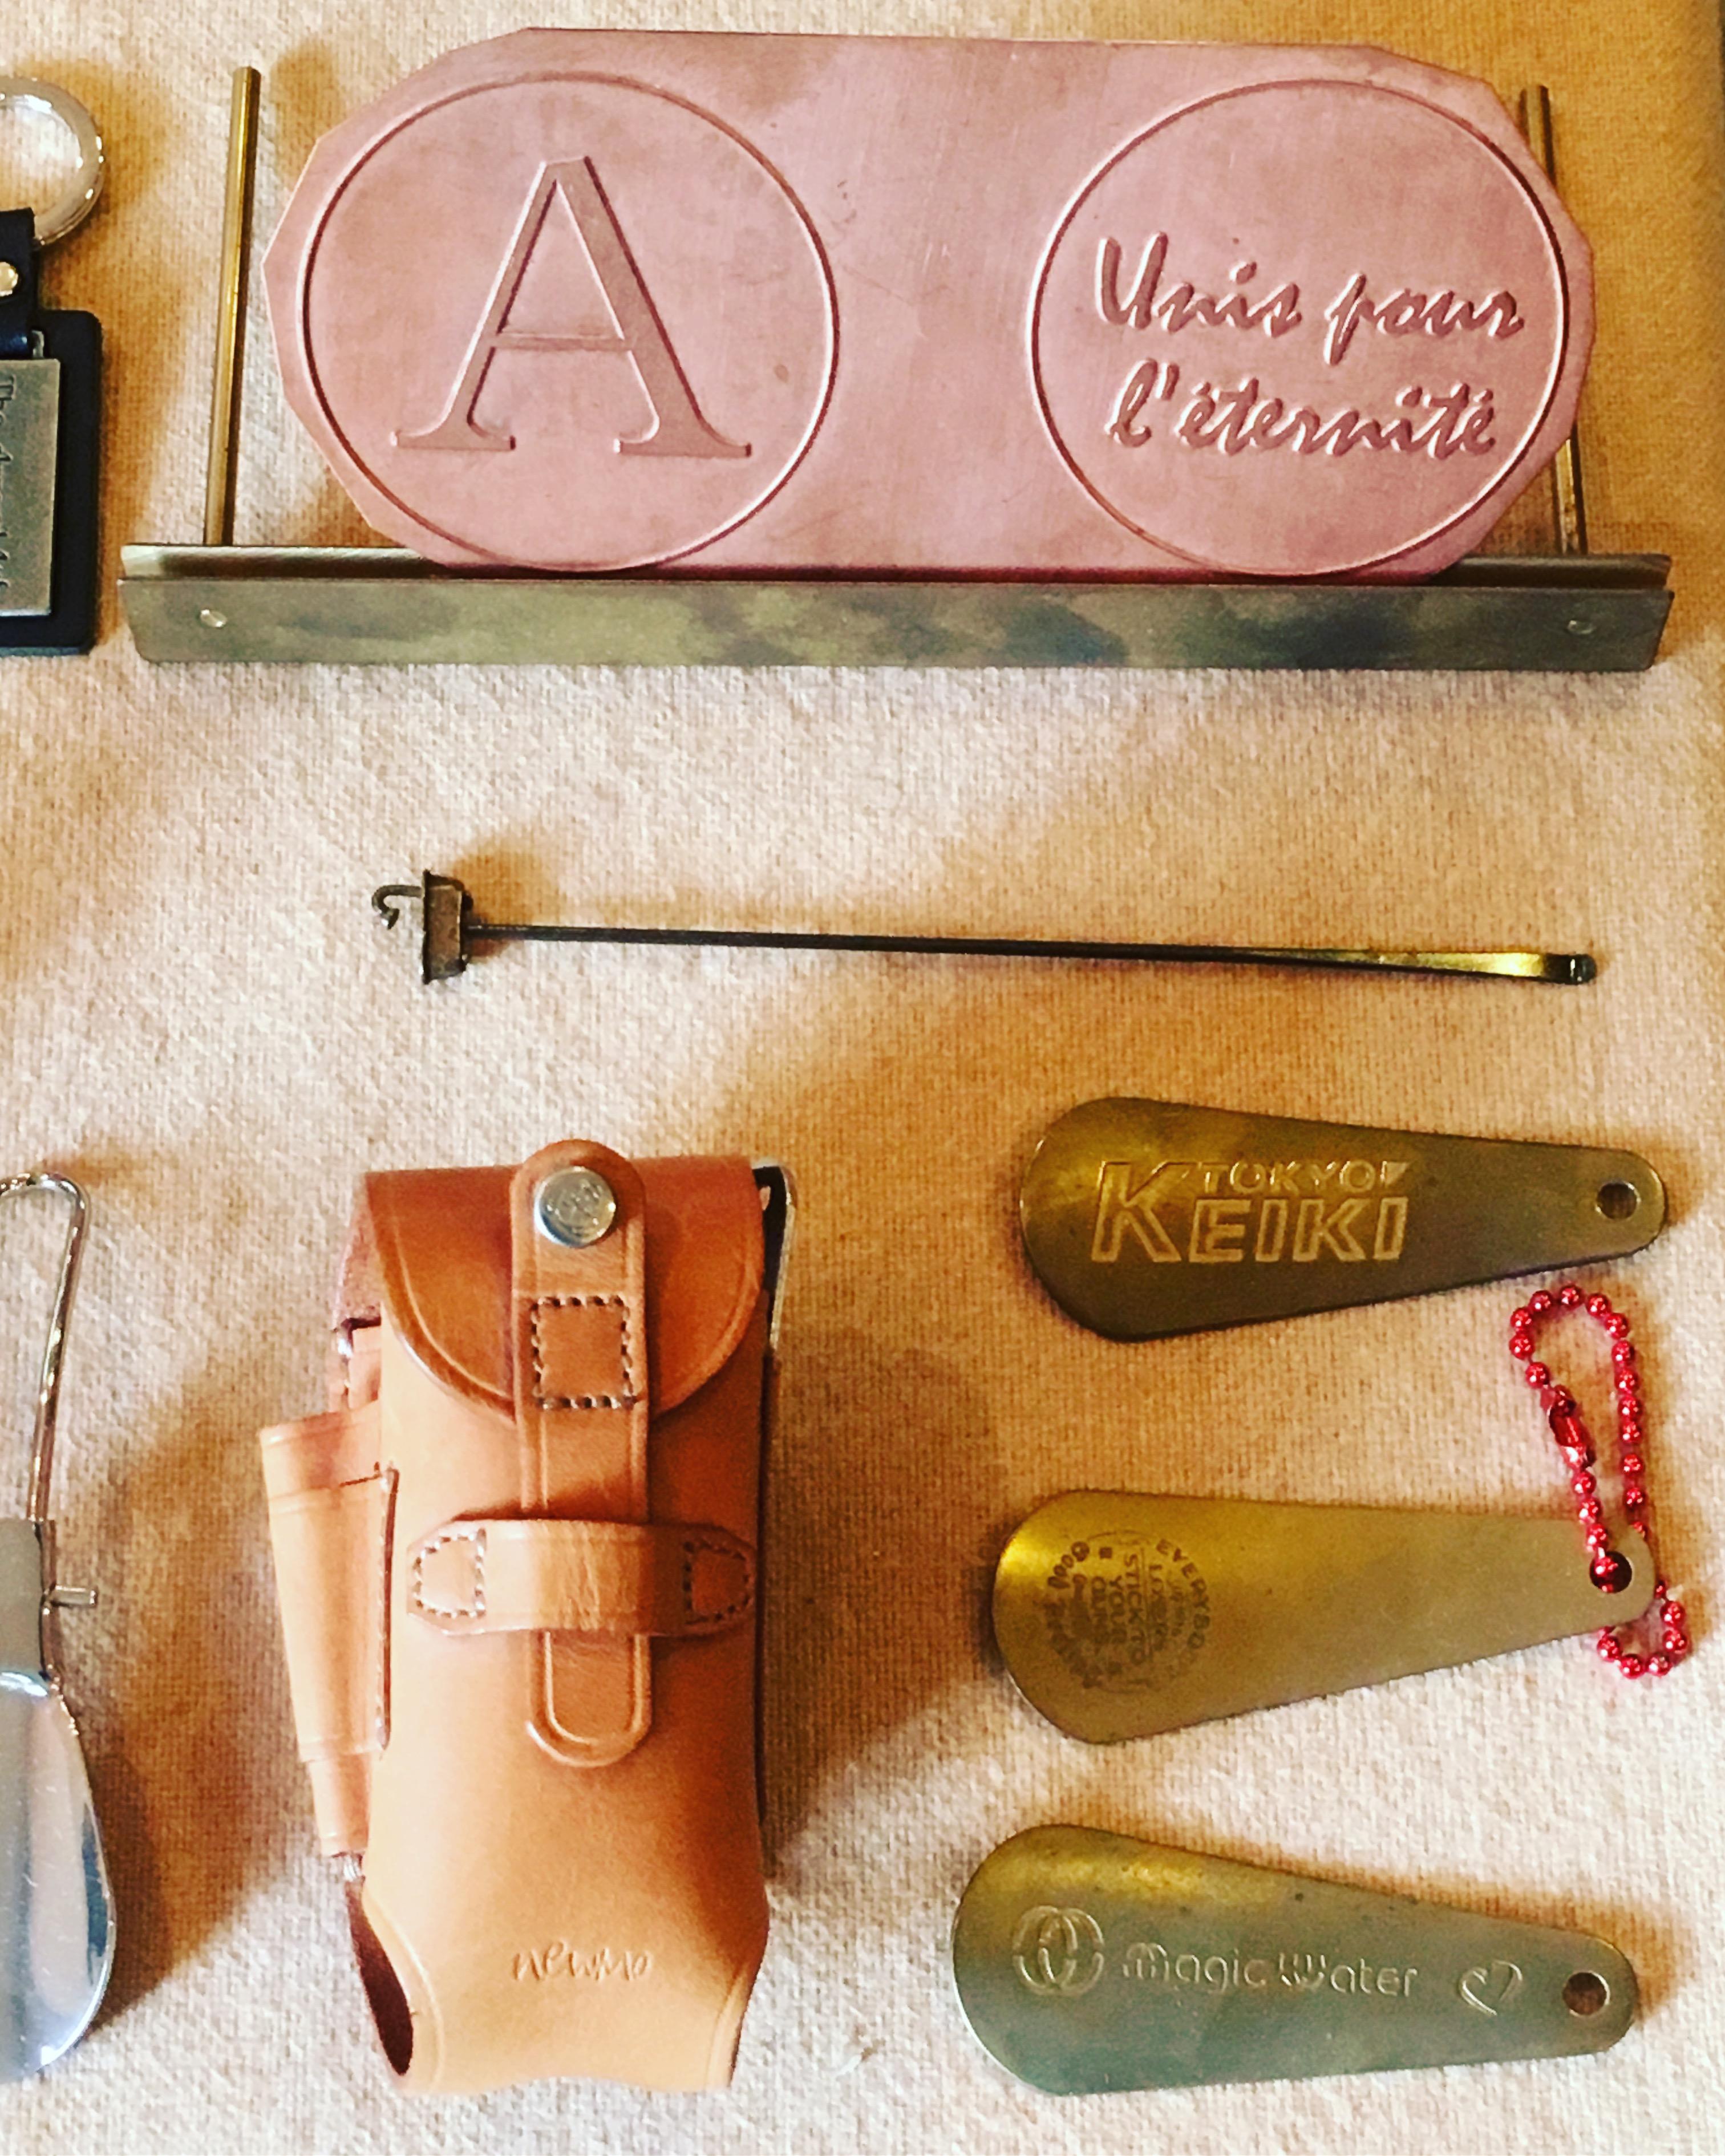 お客様オリジナル金具のサンプルから、オリジナル金具を付属した、アクセサリー、金属小物や革小物のサンプルまで、お客様のアイデアやイメージを形にする、メタルハウスの特別な場所。